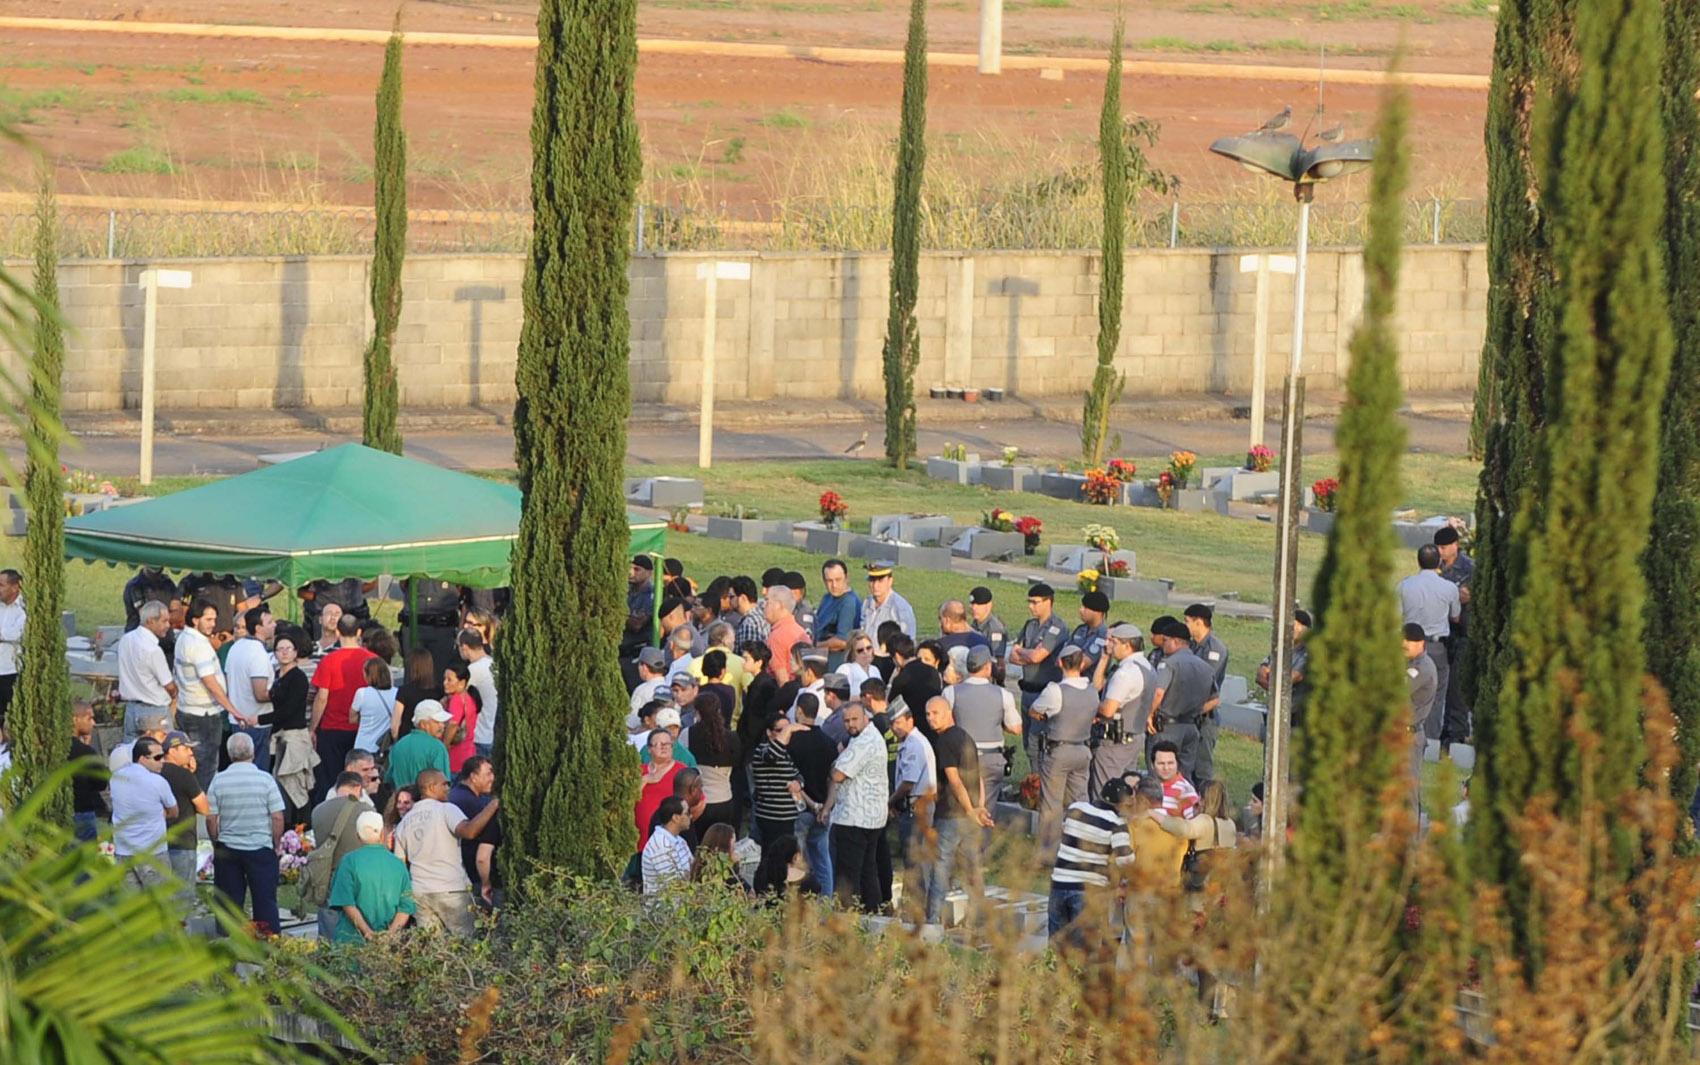 Enterro do casal de policiais mortos supostamente por seu filho no cemitério da cidade de Rio Claro (SP), nesta terça-feira (06)